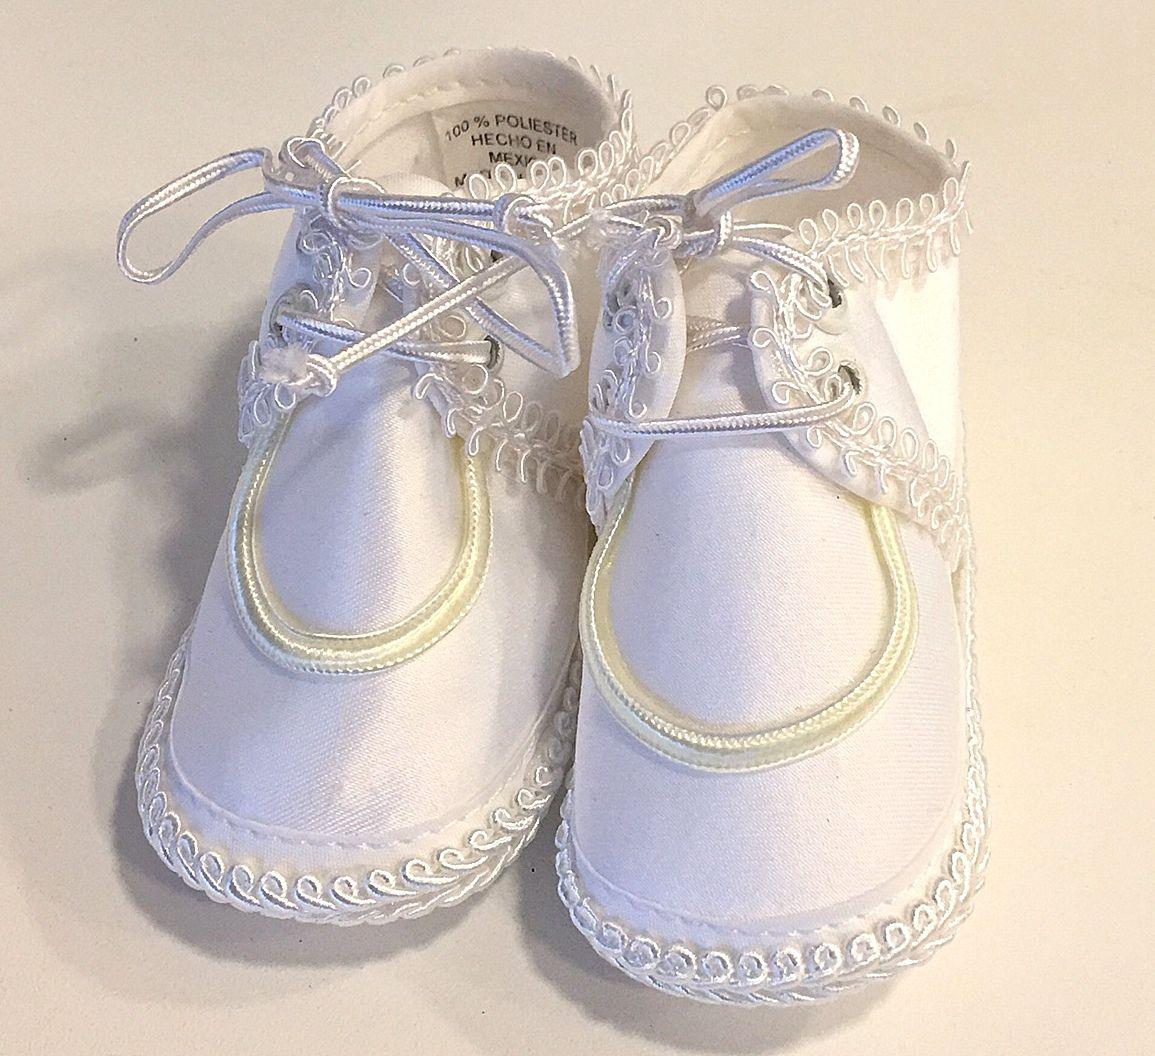 Keresztelő cipő fiú 005 4800.-Ft